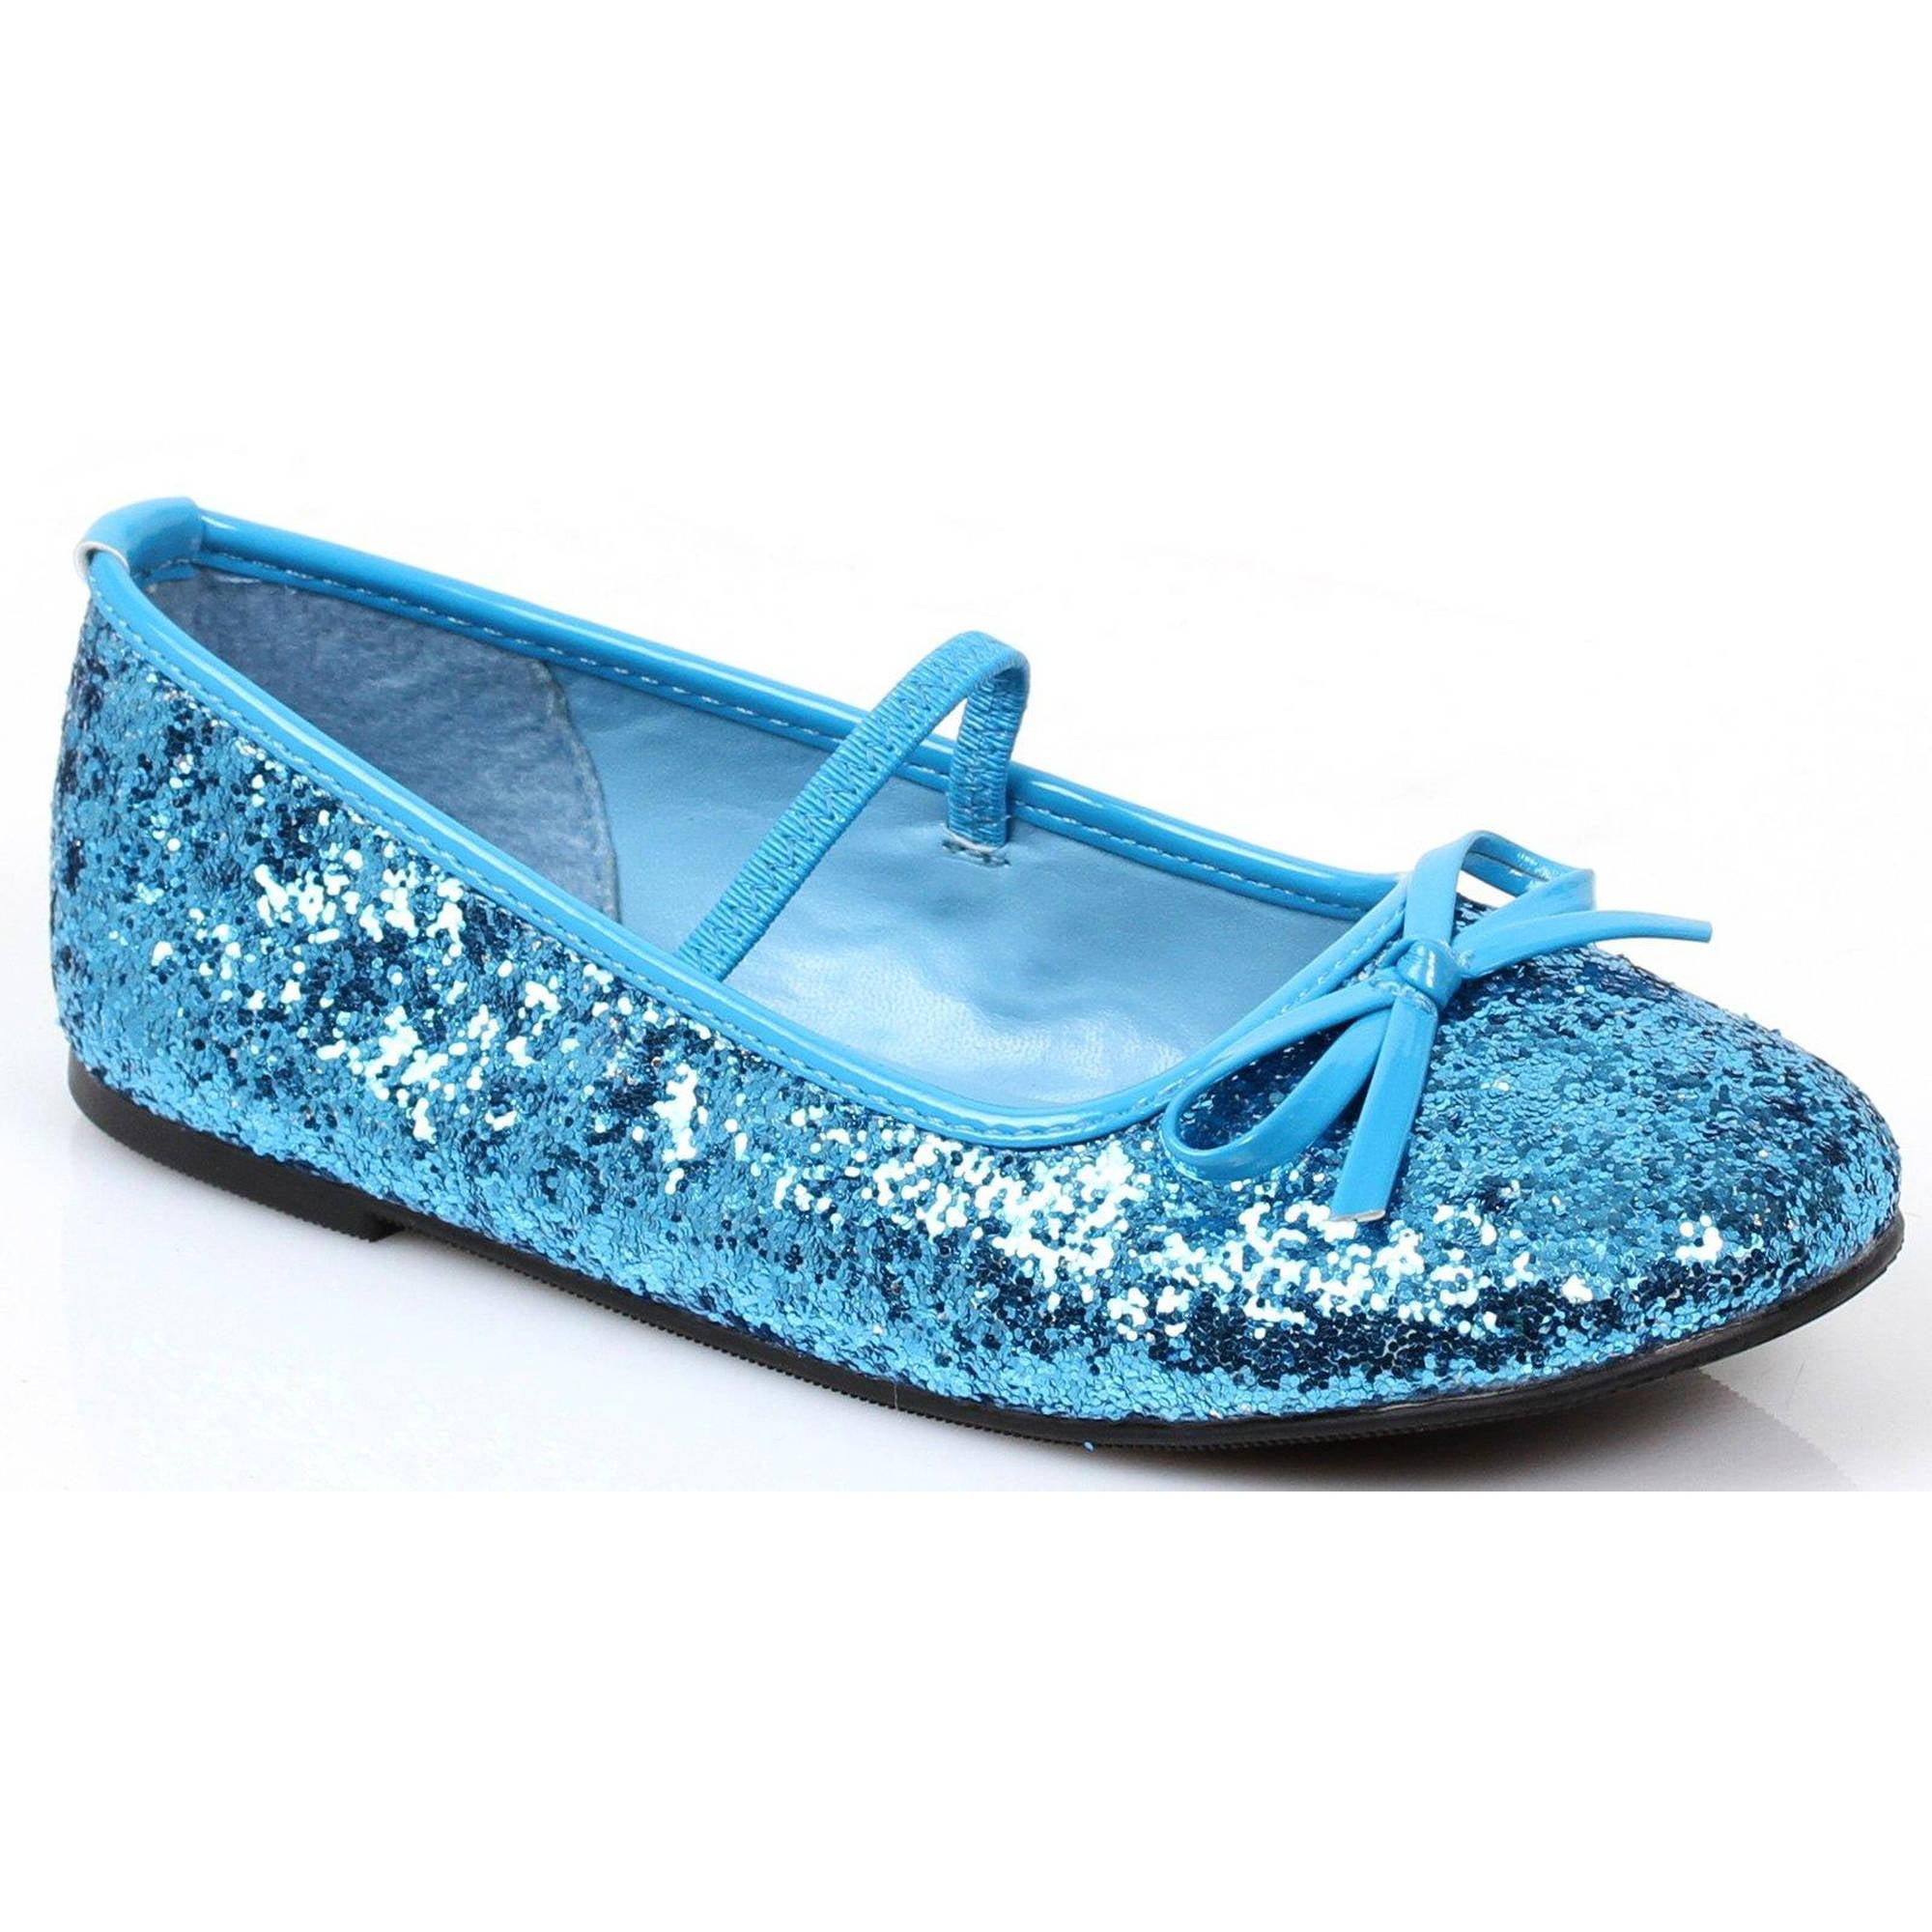 Blue Sequin Girl's Ballet Flats